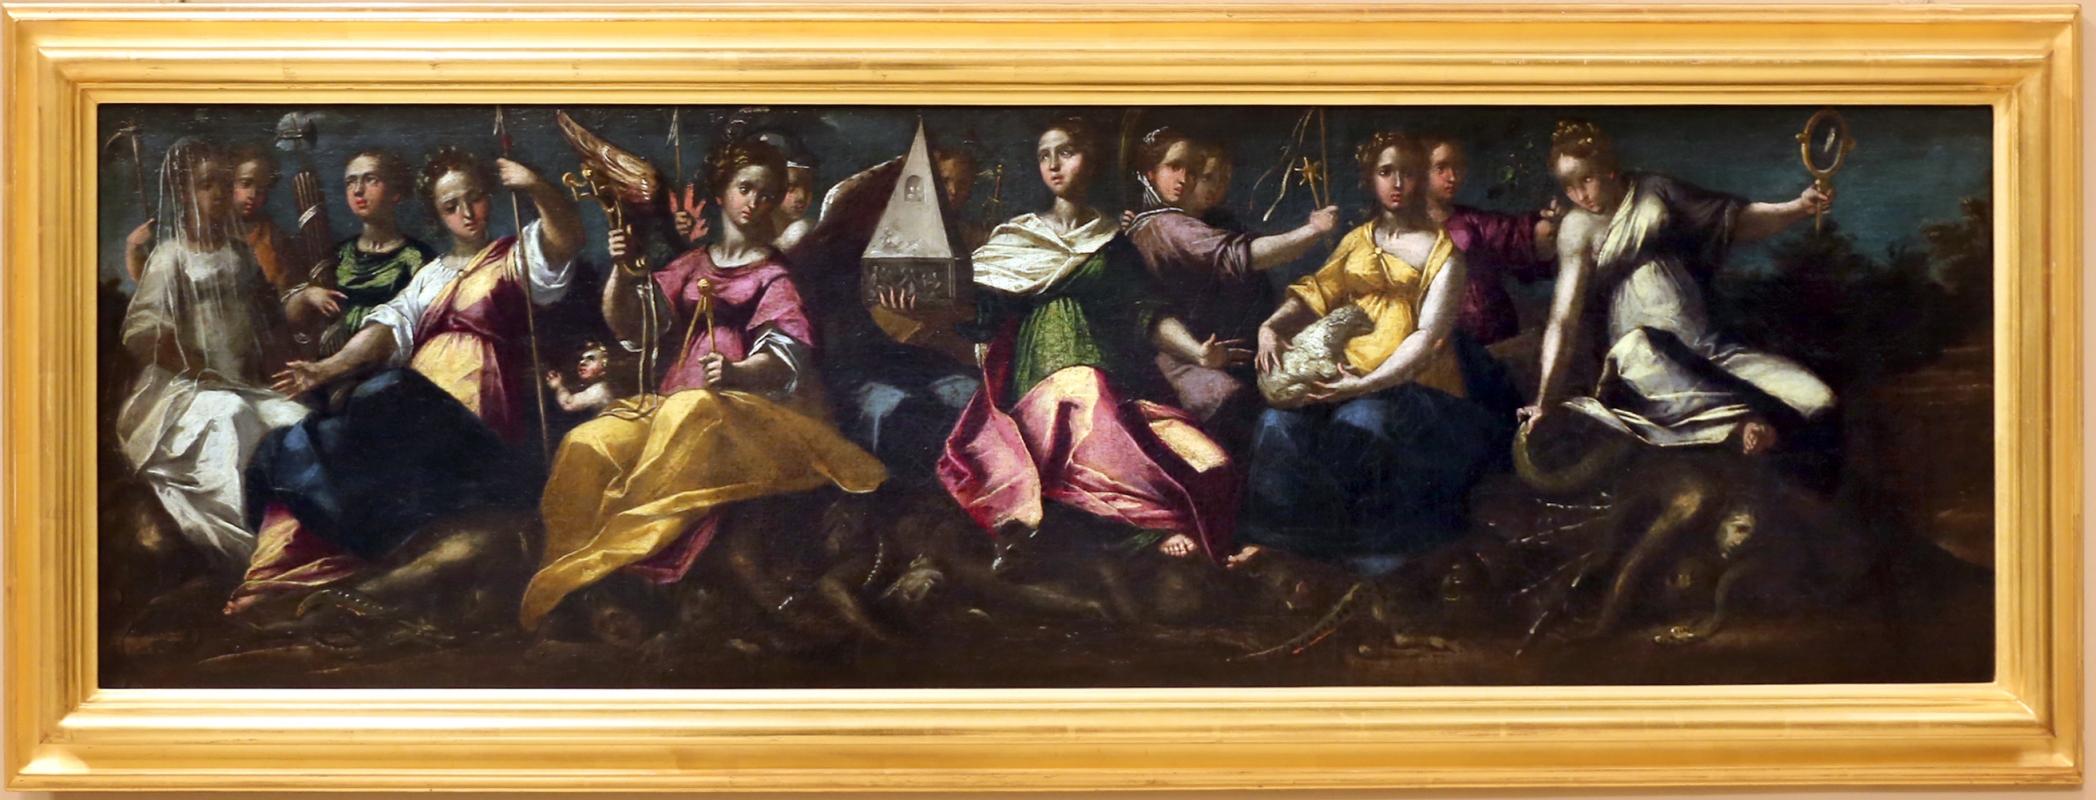 Gaspare venturini, allegorie di casa d'este, 1592-93, 04 - Sailko - Modena (MO)